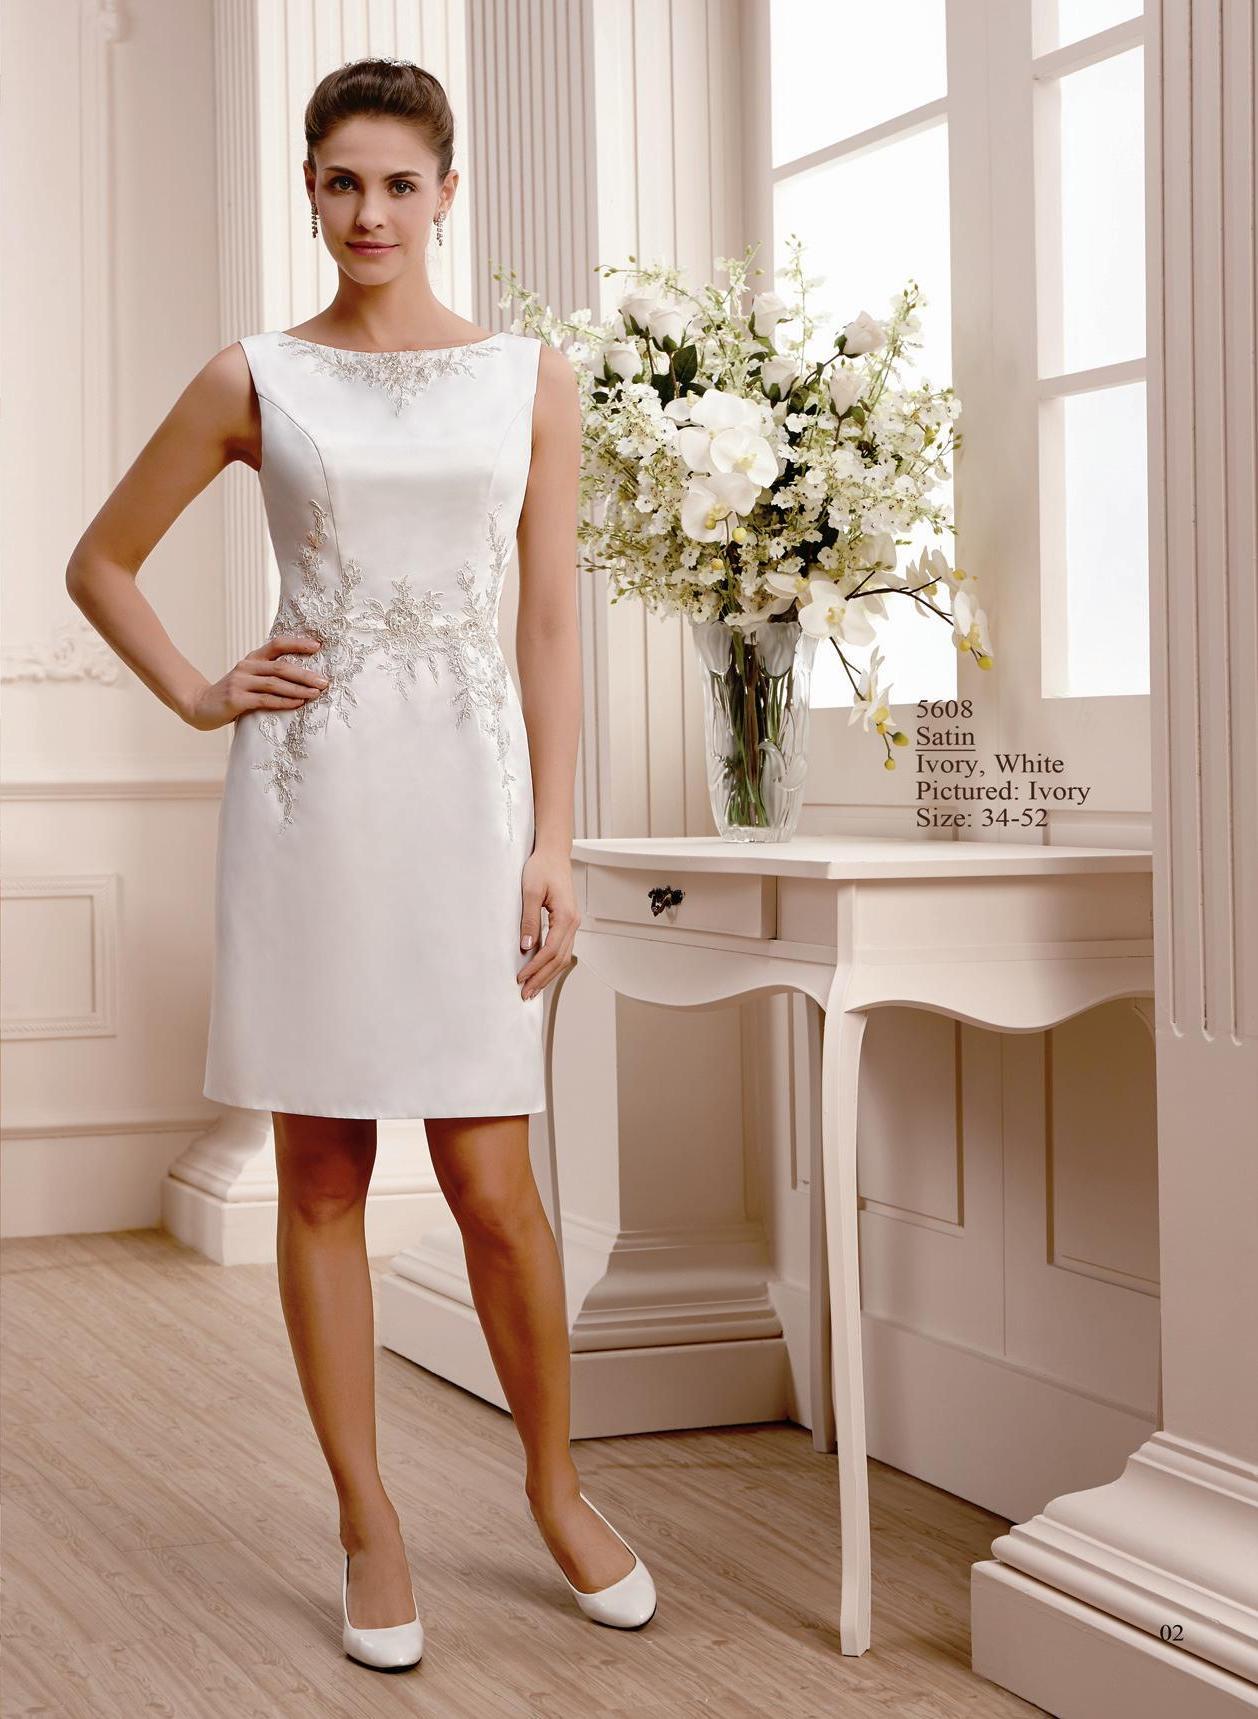 Niedlich Cocktail Hochzeitskleid Galerie - Hochzeit Kleid Stile ...